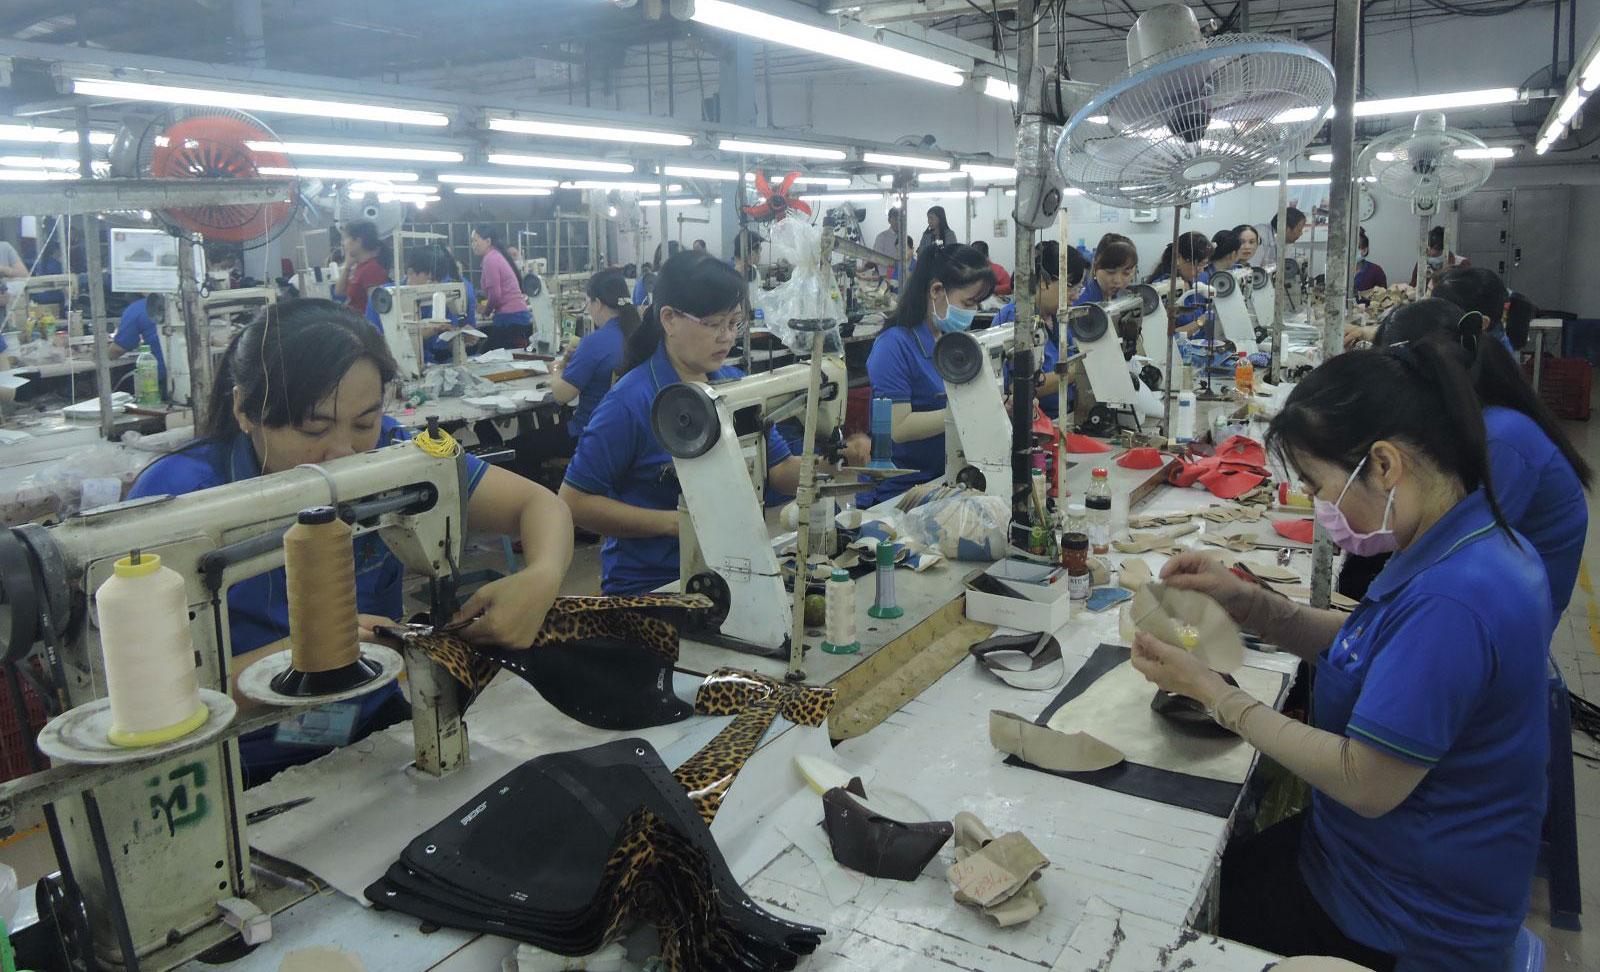 Nhiều lao động đang làm việc tại Công ty TNHH tư vấn dịch vụ thương mại sản xuất Đại Thành Huy được giữ lại từ lớp đào tạo nghề may công nghiệp do công ty phối hợp với các ngành liên quan tổ chức. Ảnh: MỸ TÚ